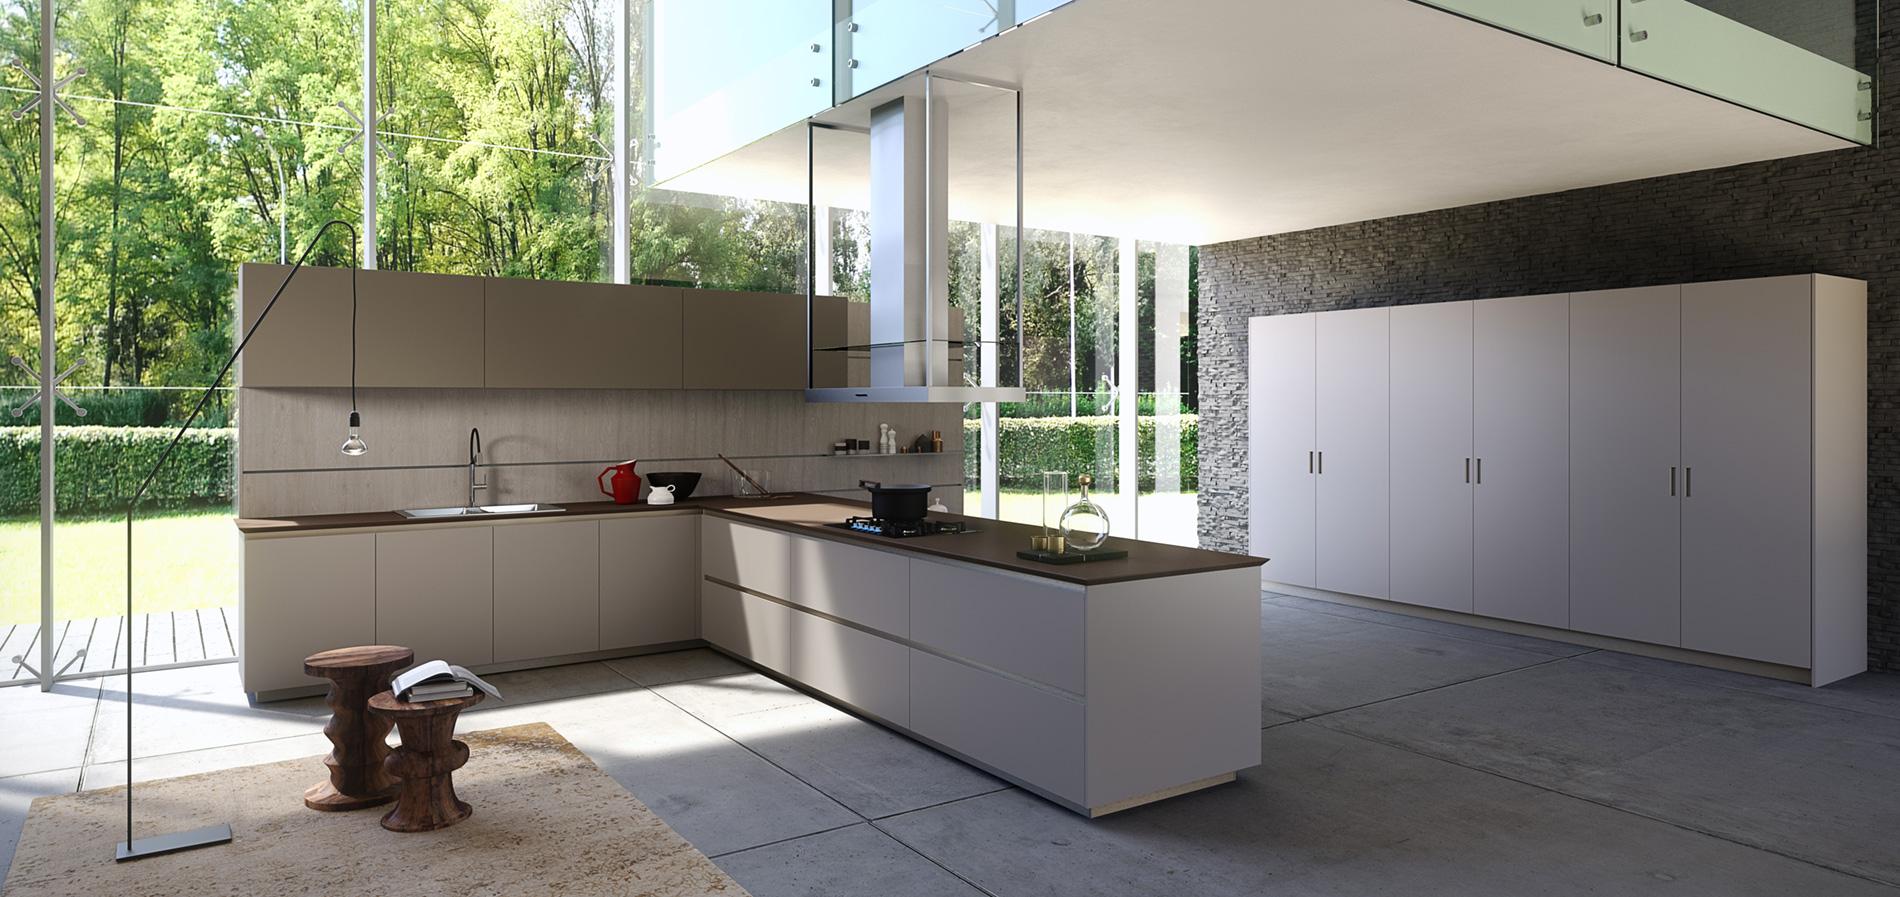 Arkidea rappresentanze il nuovo sito - Aran cucine lab 13 ...